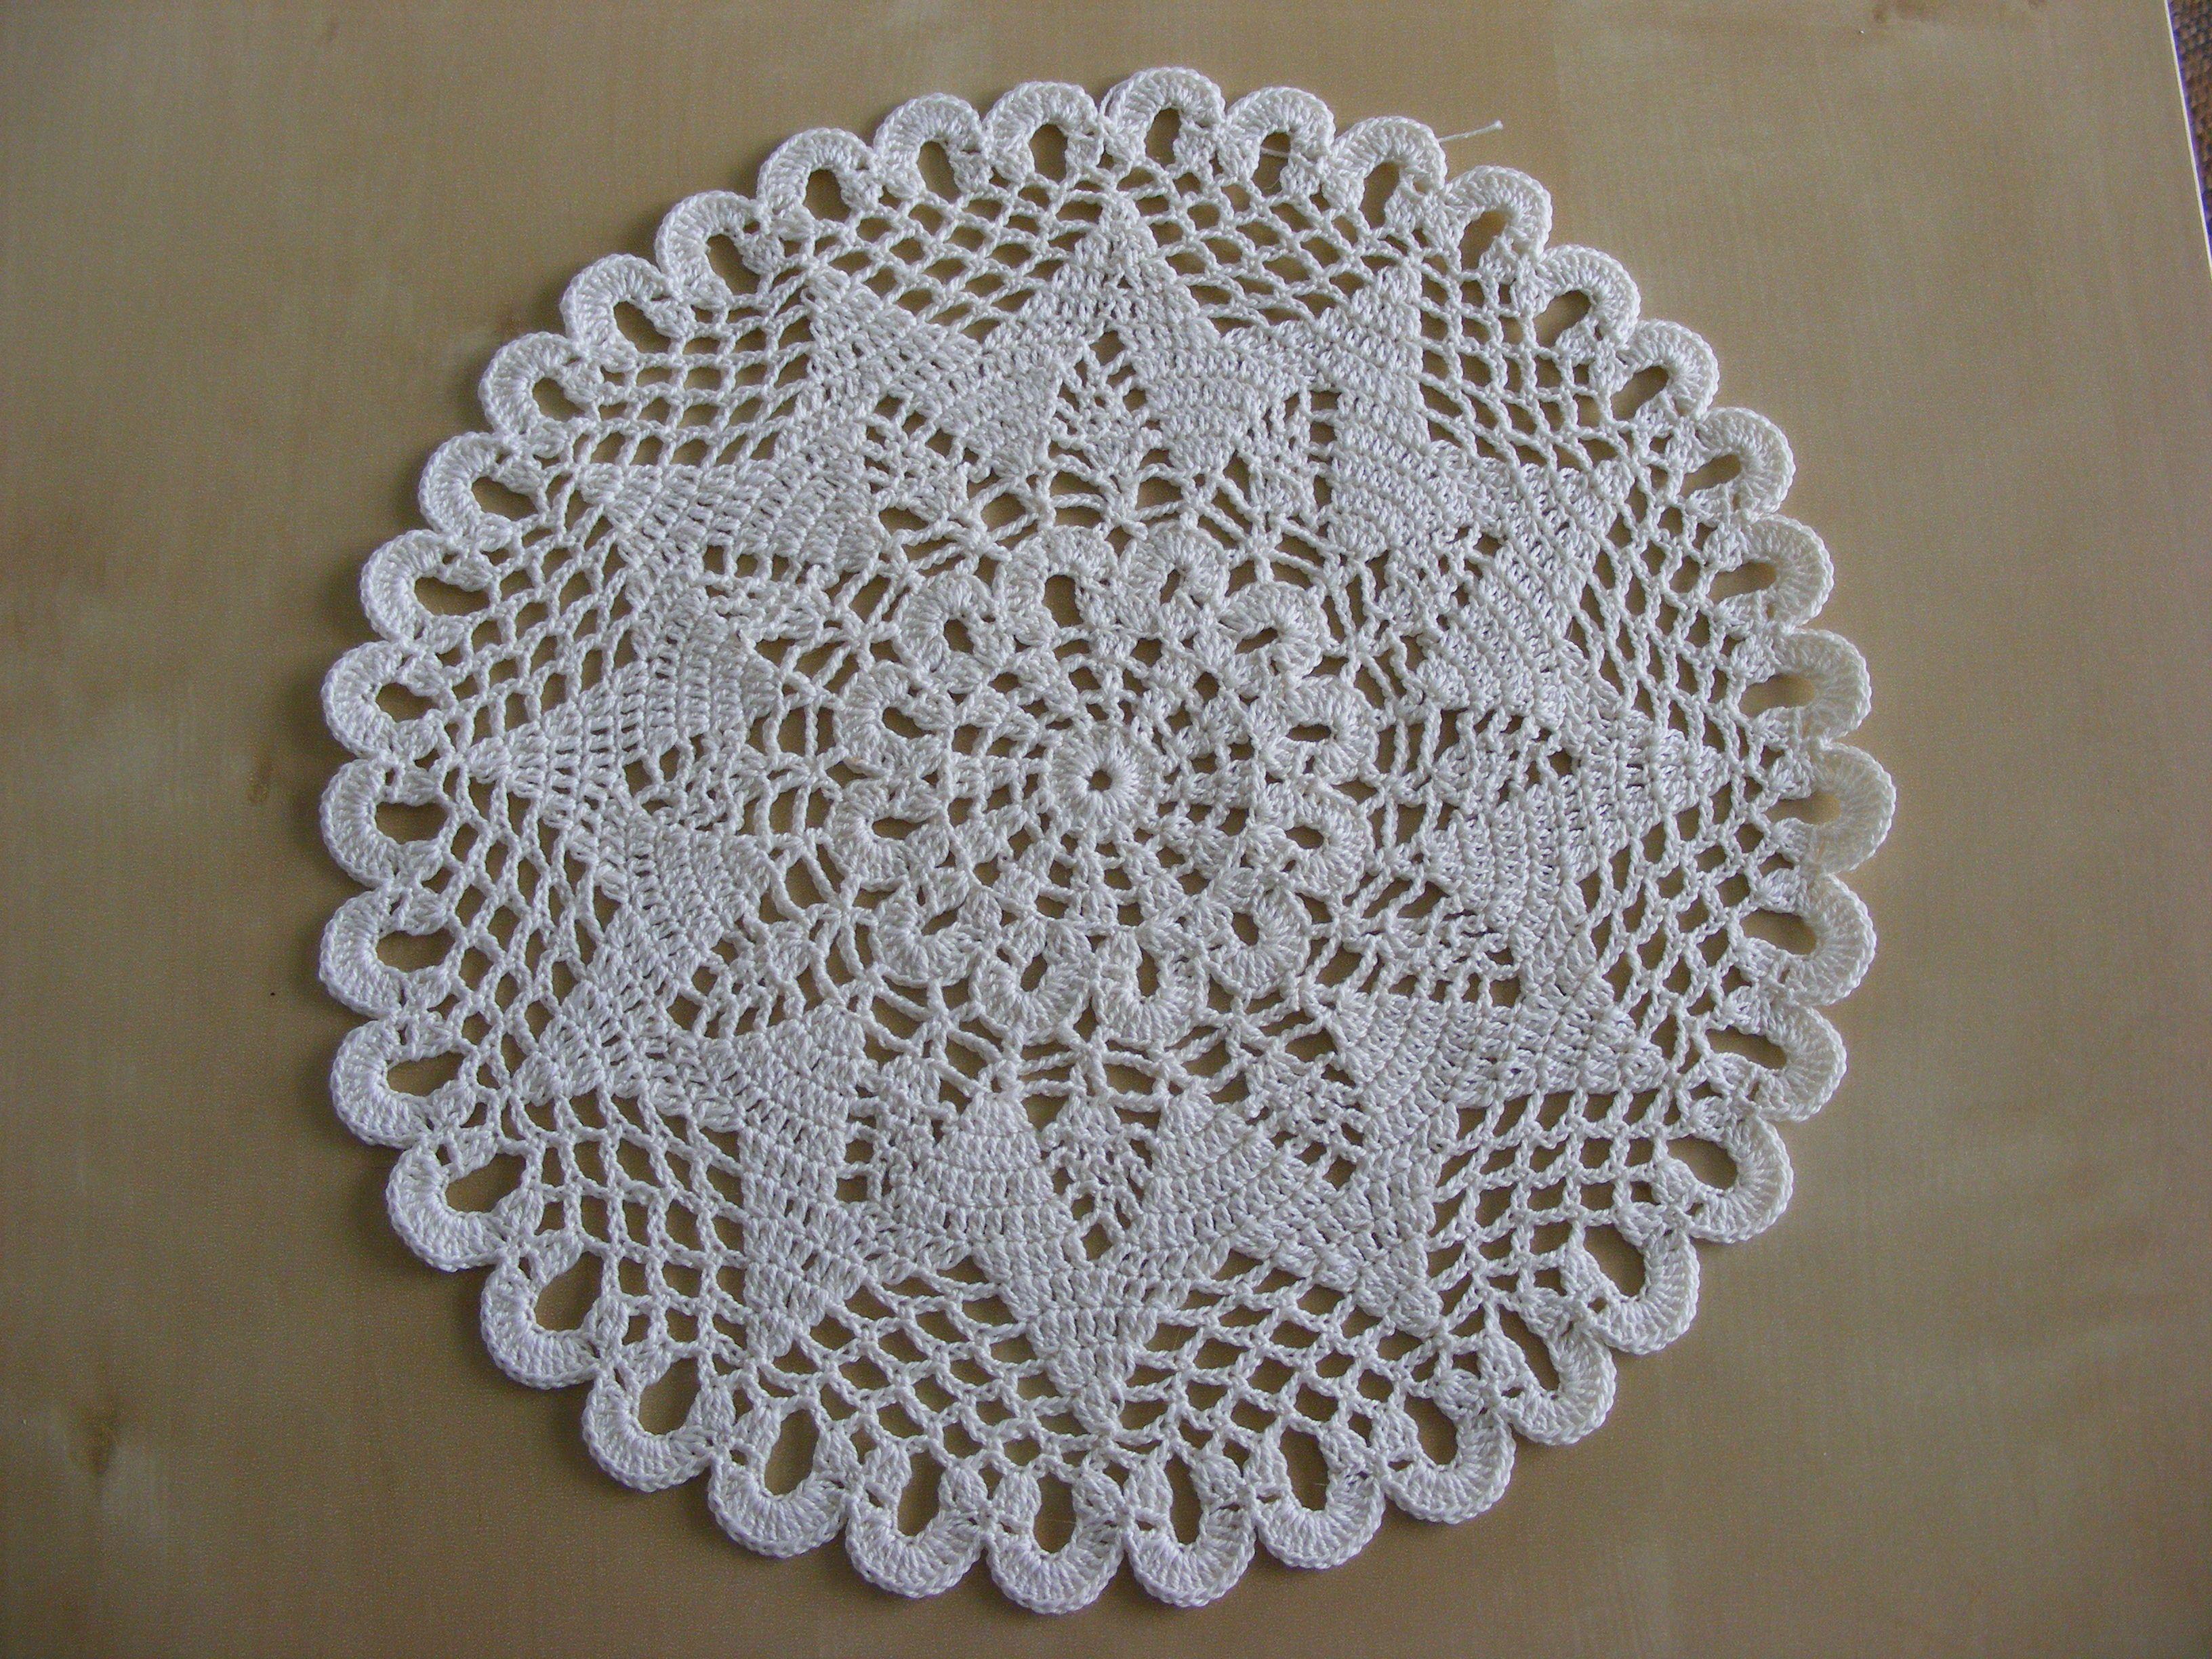 schlichtes Deckchen aus Filetgarn | my crochetworks | Pinterest ...